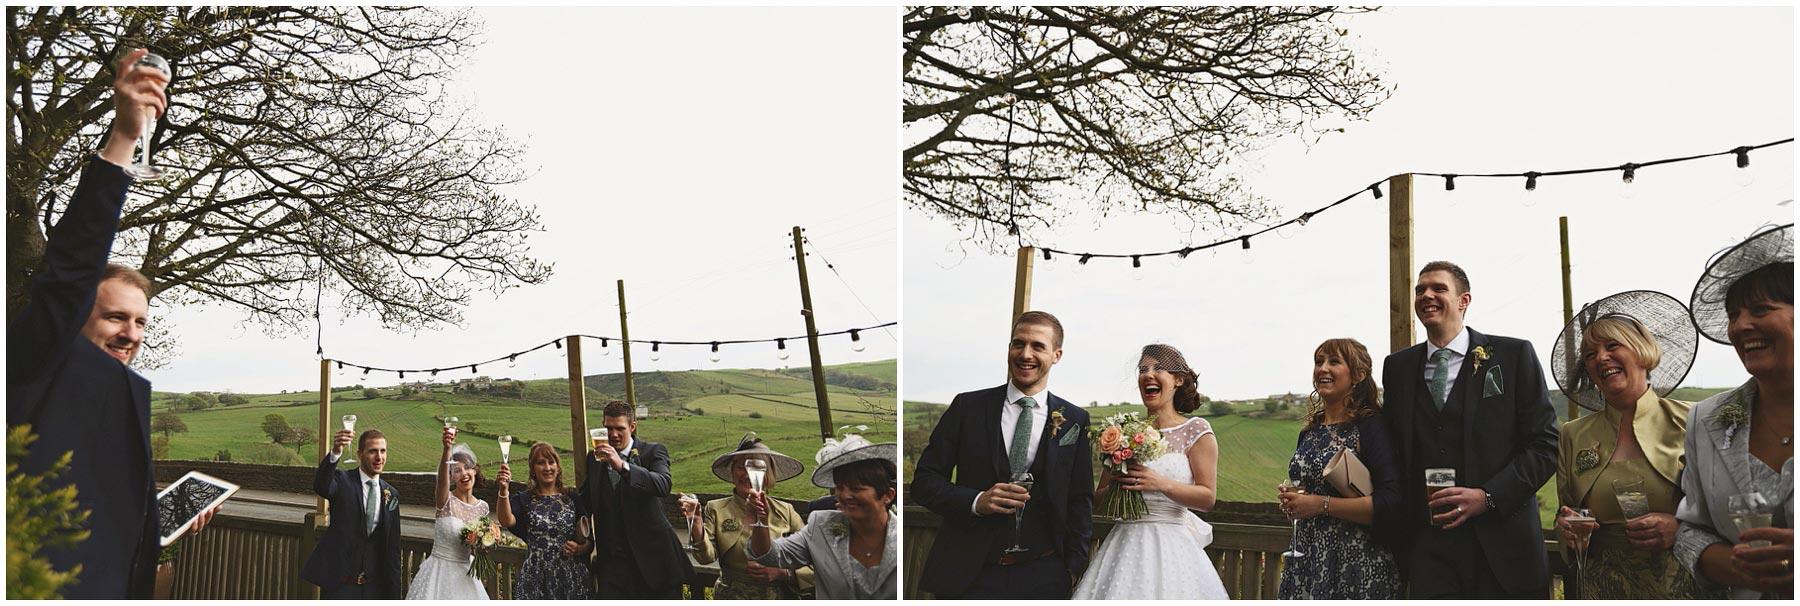 the-spiced-pear-wedding-photographer_0086